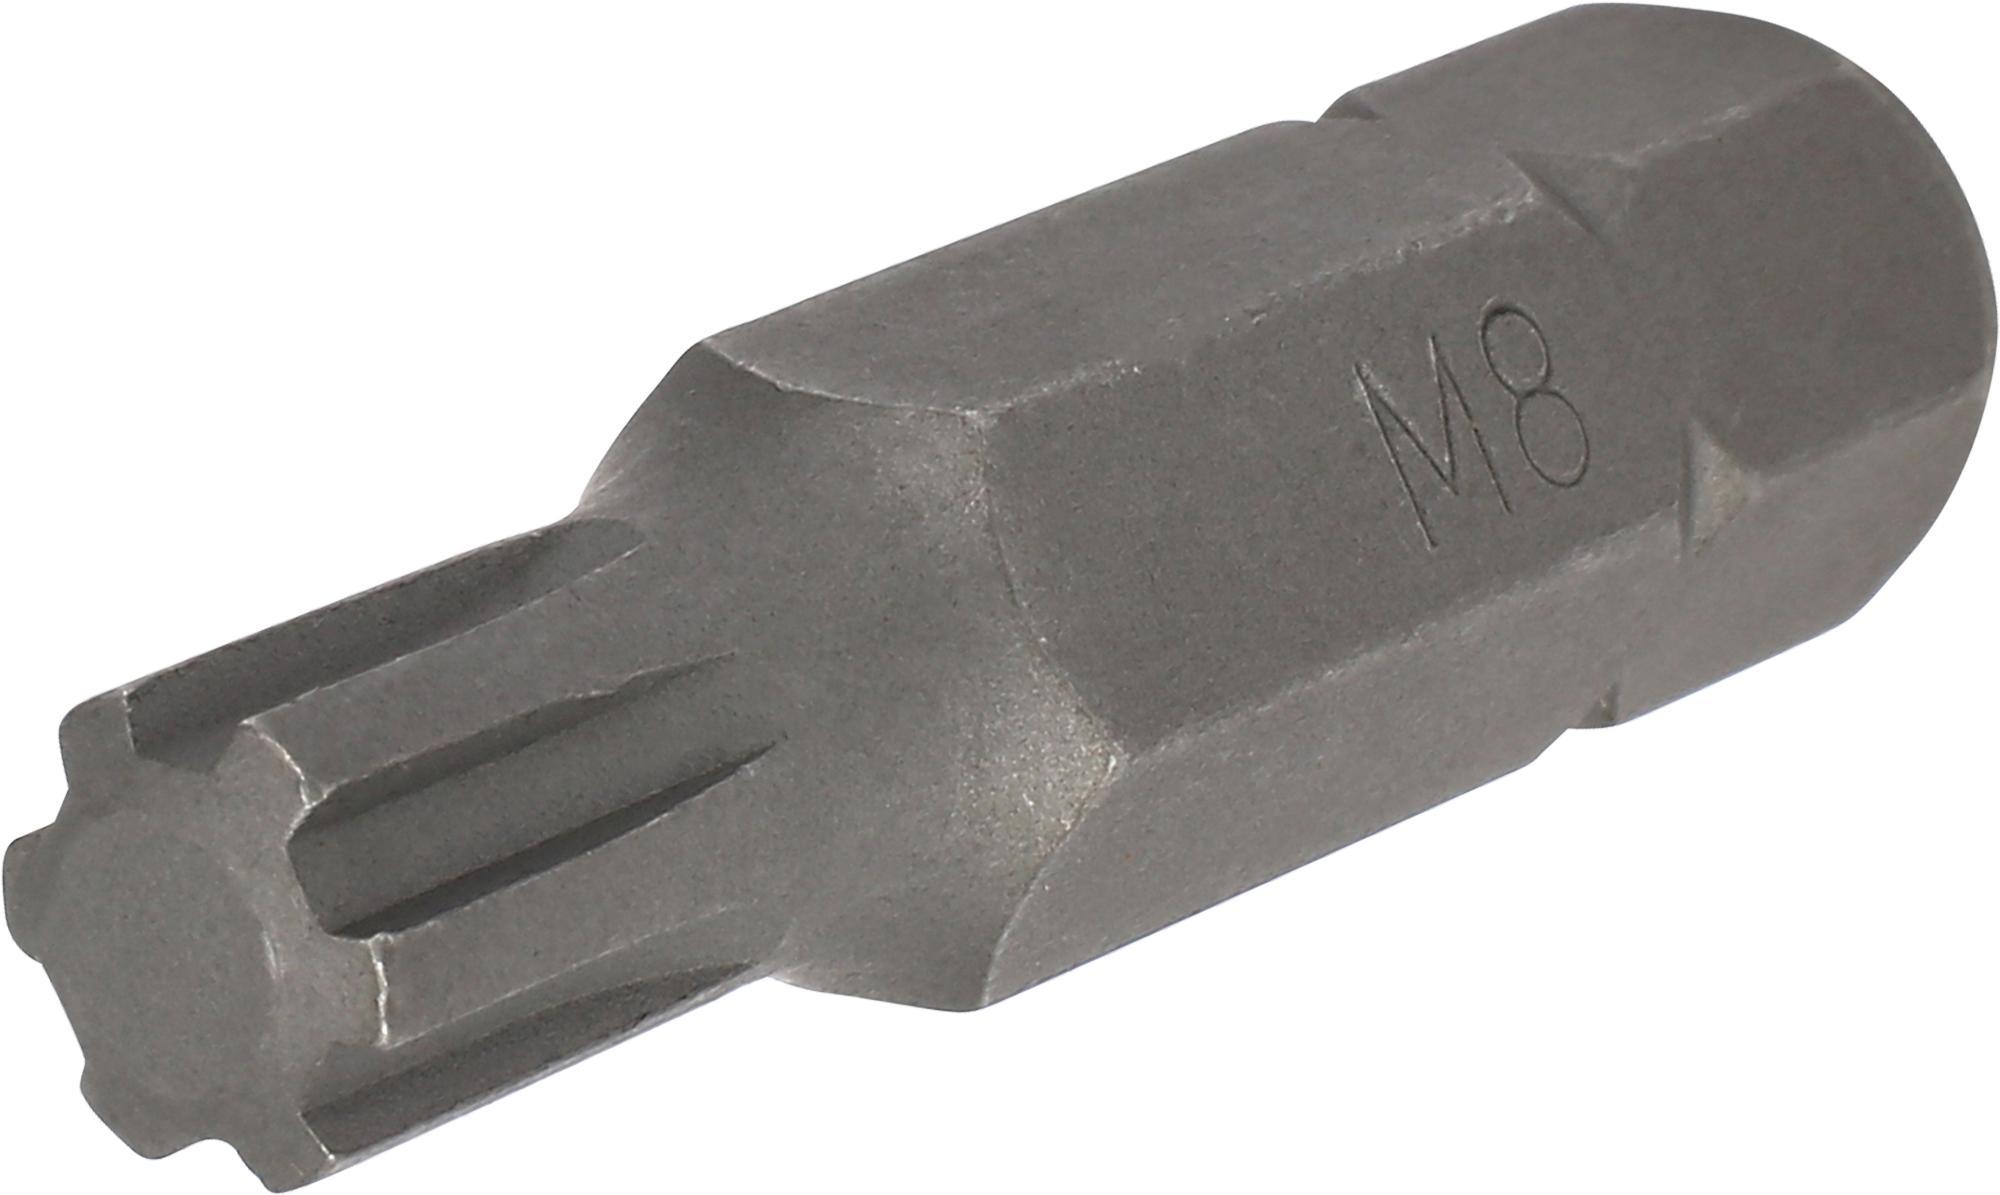 Bit, 10 mm 6-hran, Keilnut M8x40 mm